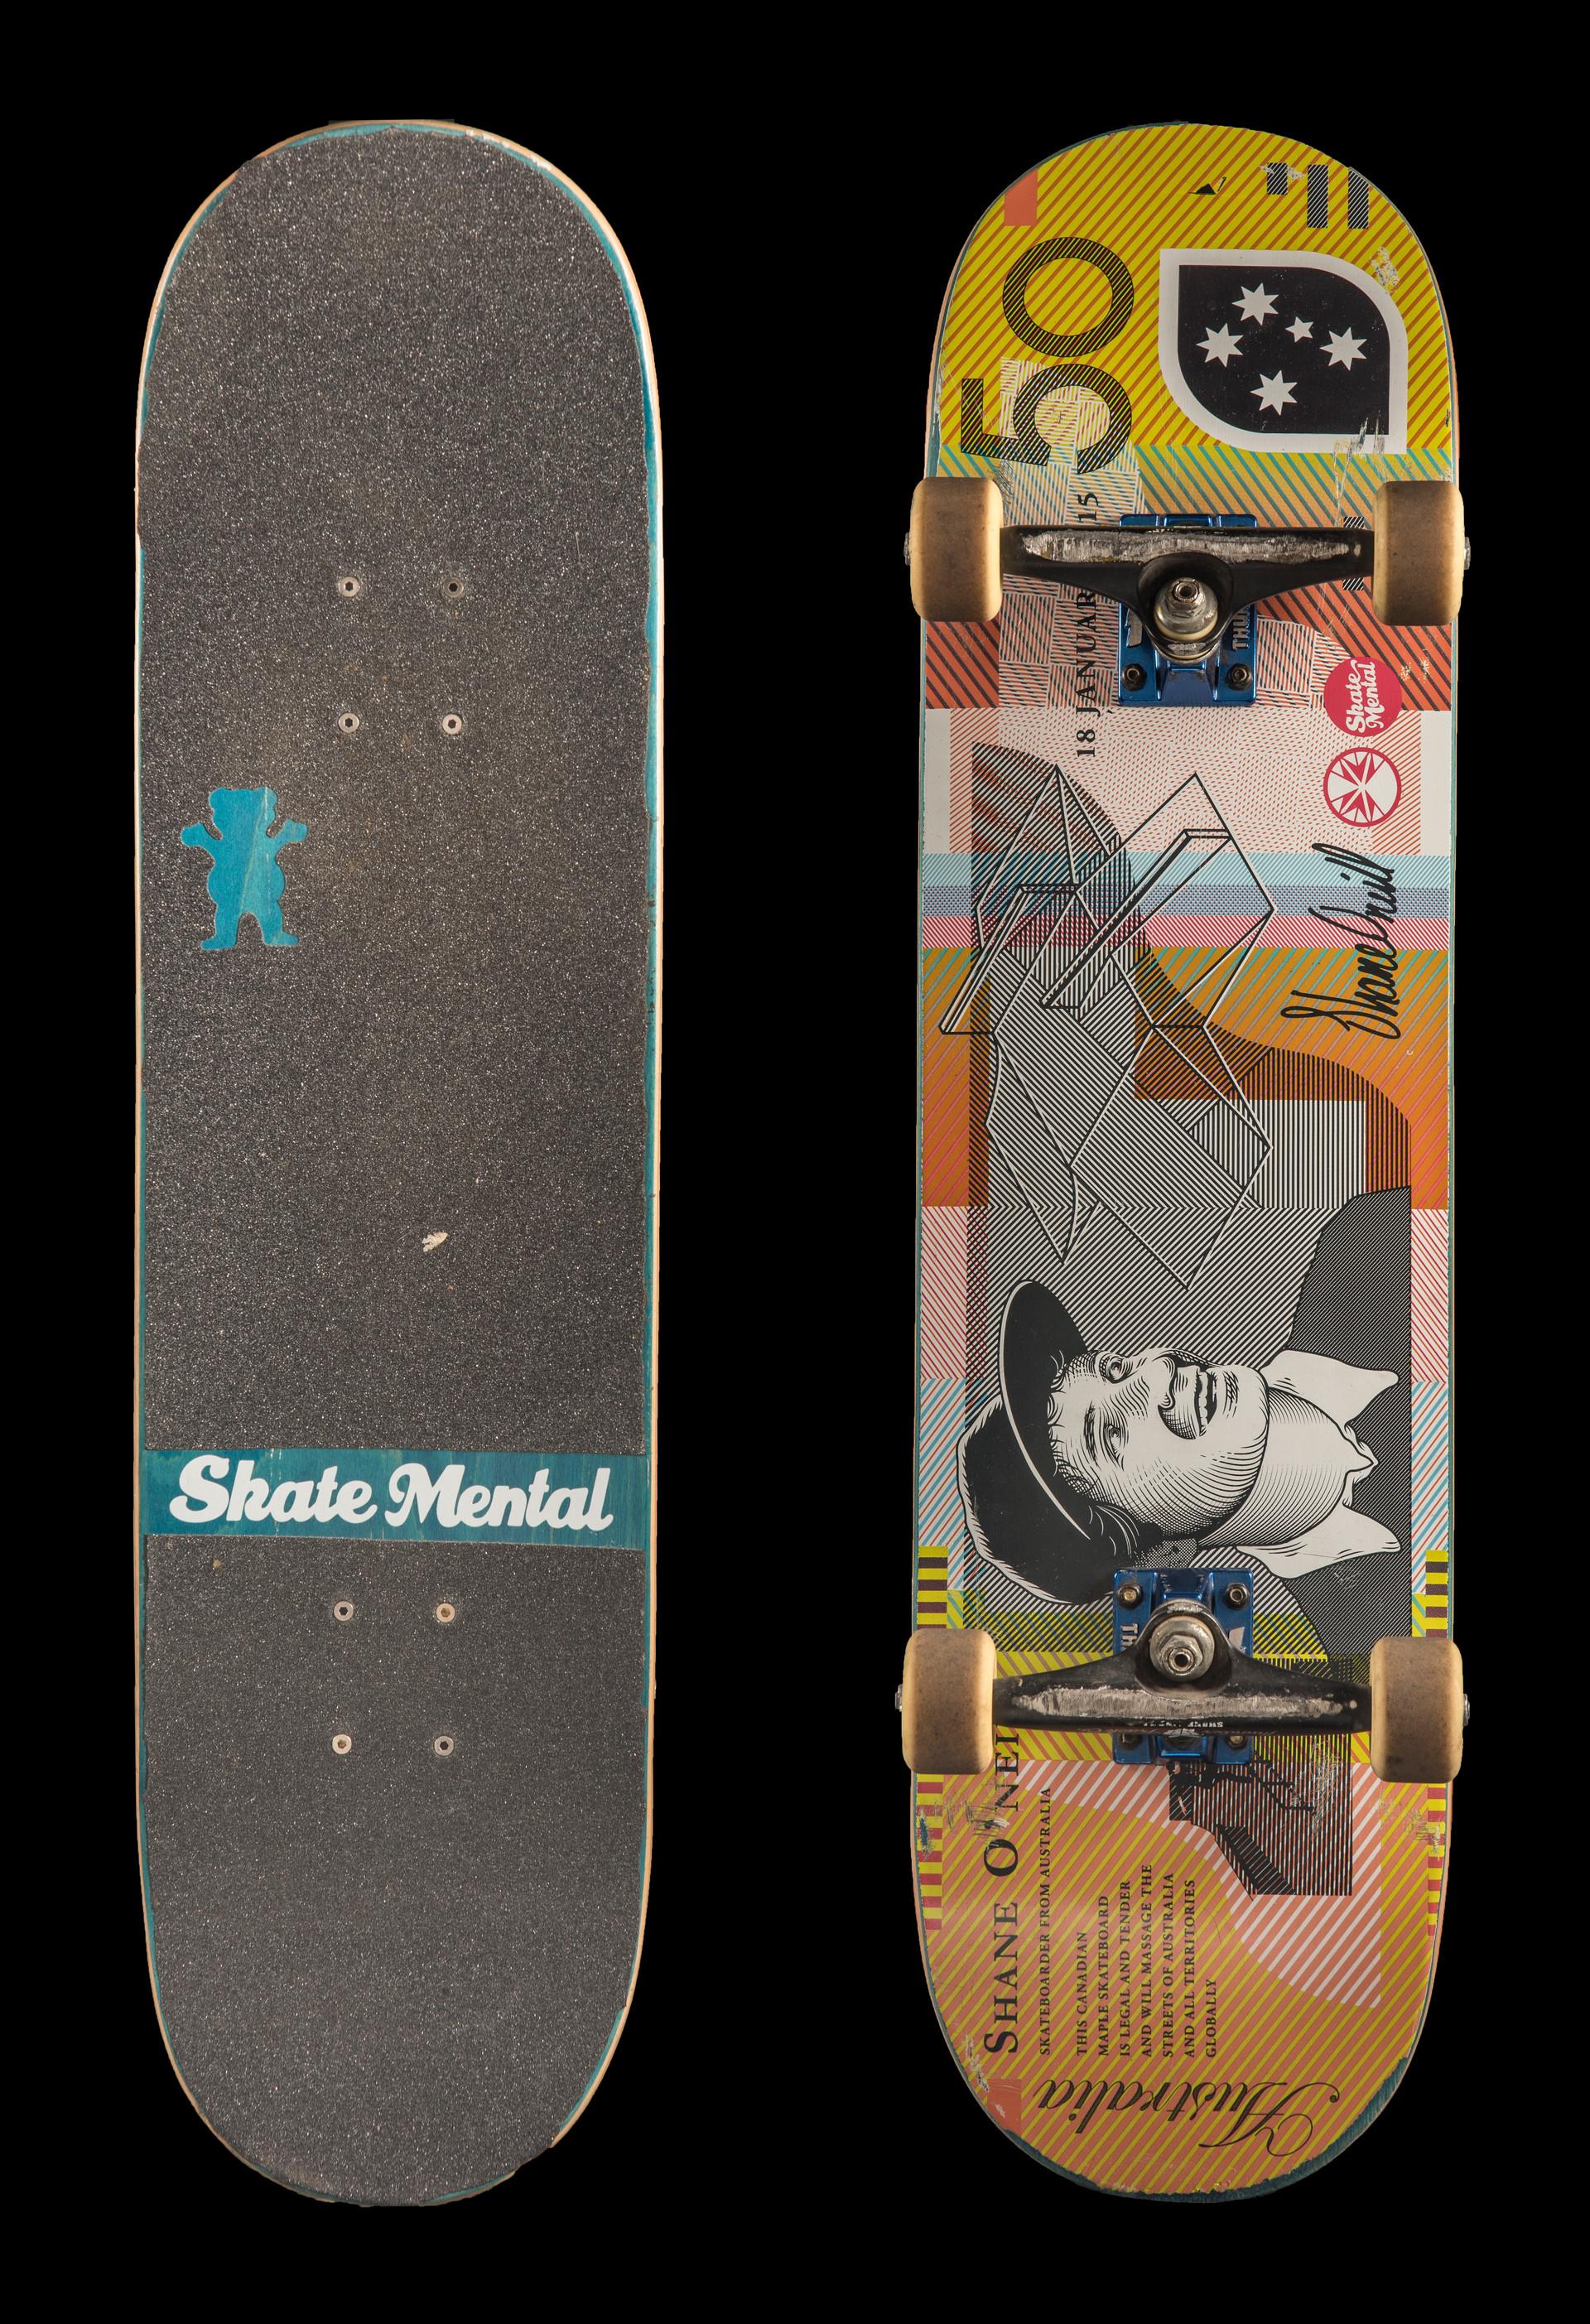 Skate Mental Both.jpg